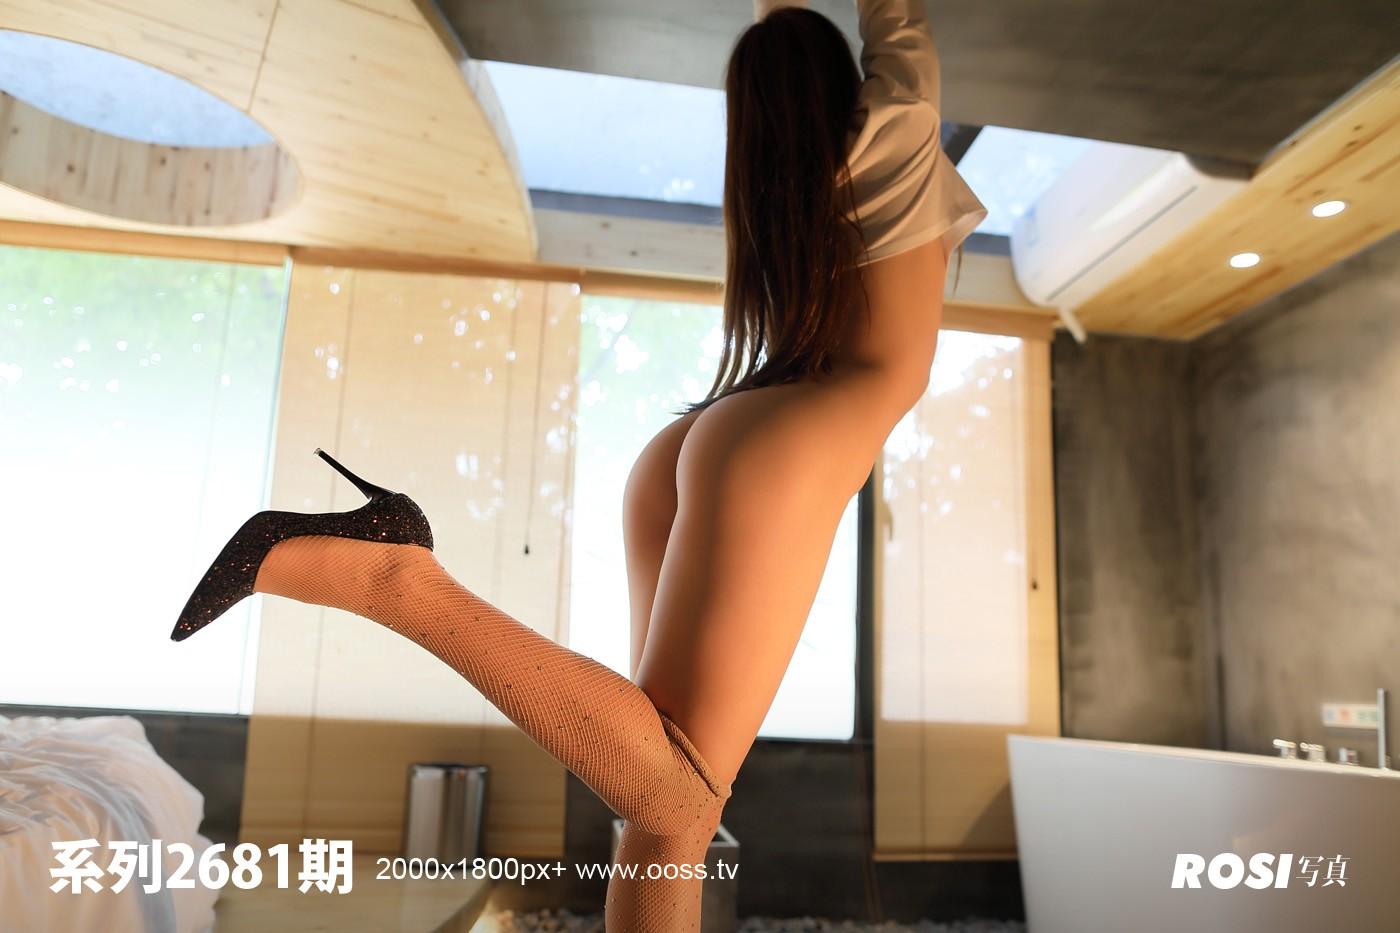 [ROSI寫真]2019.04.10 NO.2681 [66P] - 貼圖 - 絲襪美腿 -